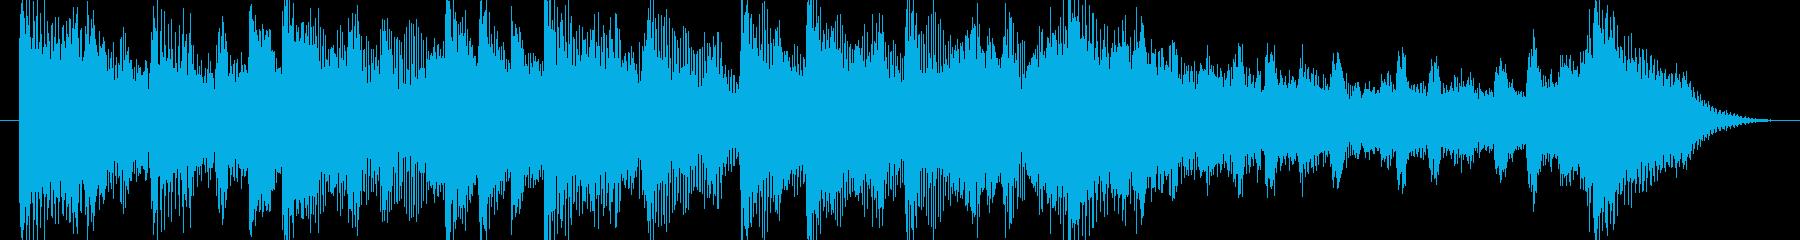 和む、でも少しクールなBGM-15秒の再生済みの波形